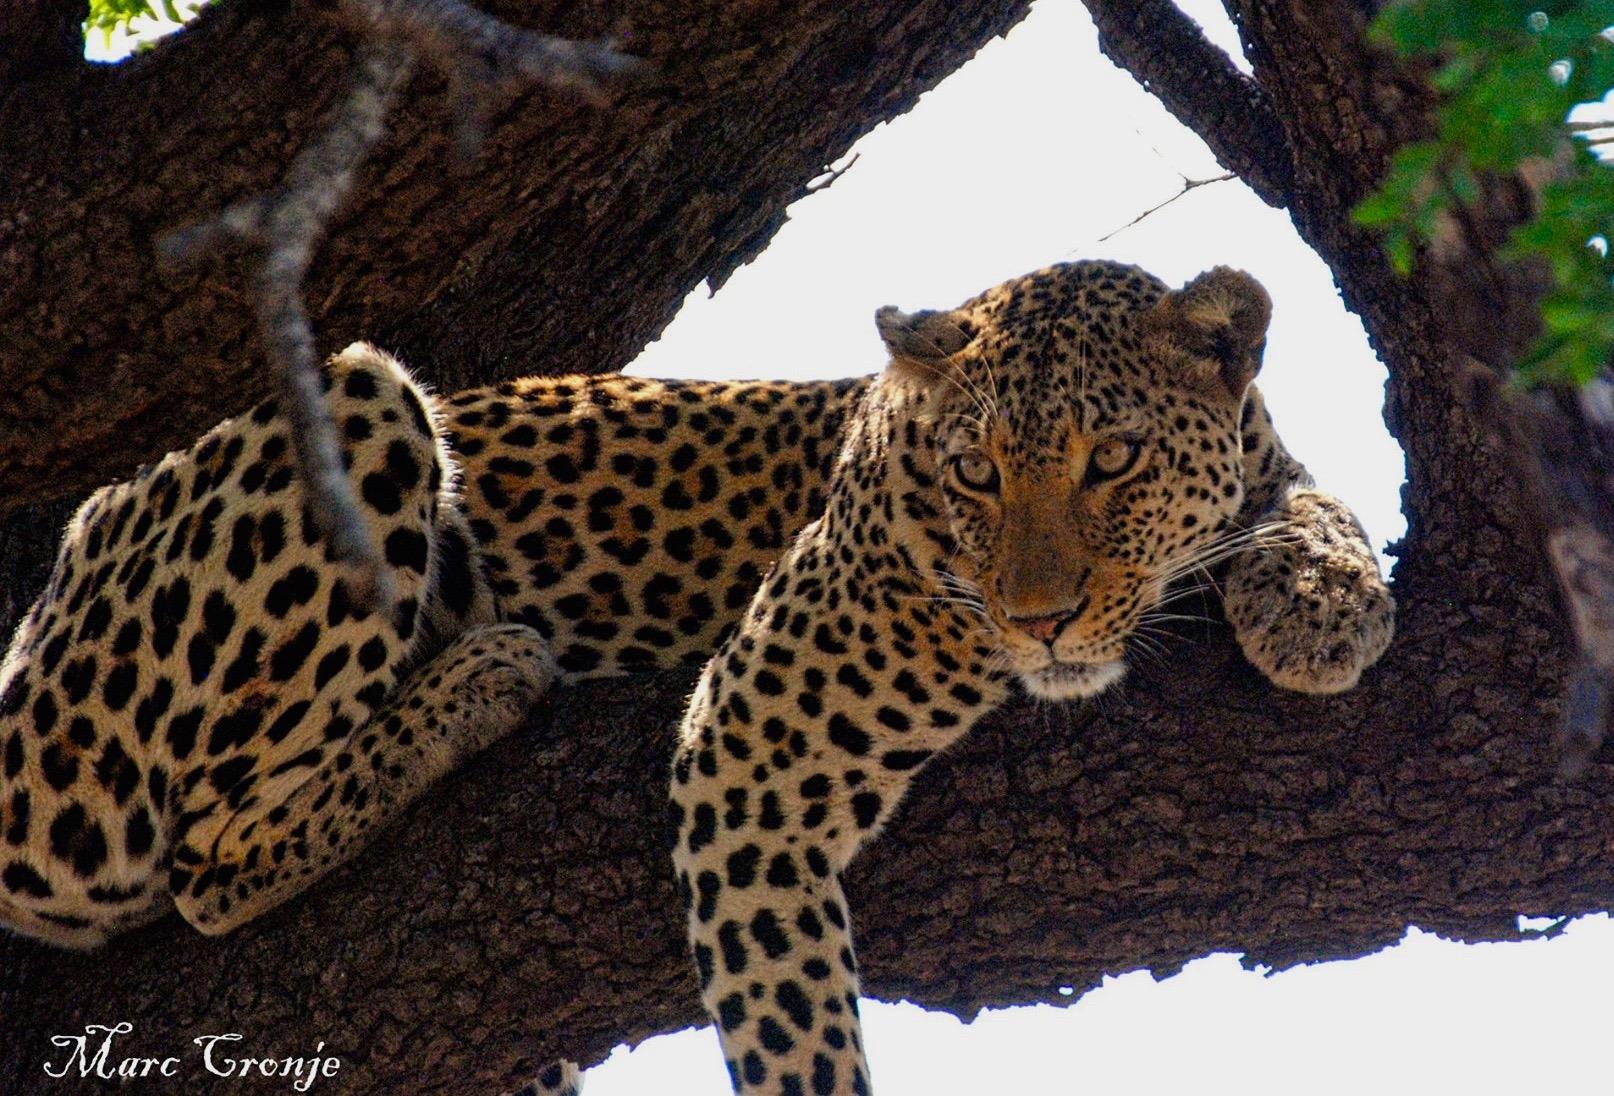 Destination Guide: Kruger National Park, South Africa